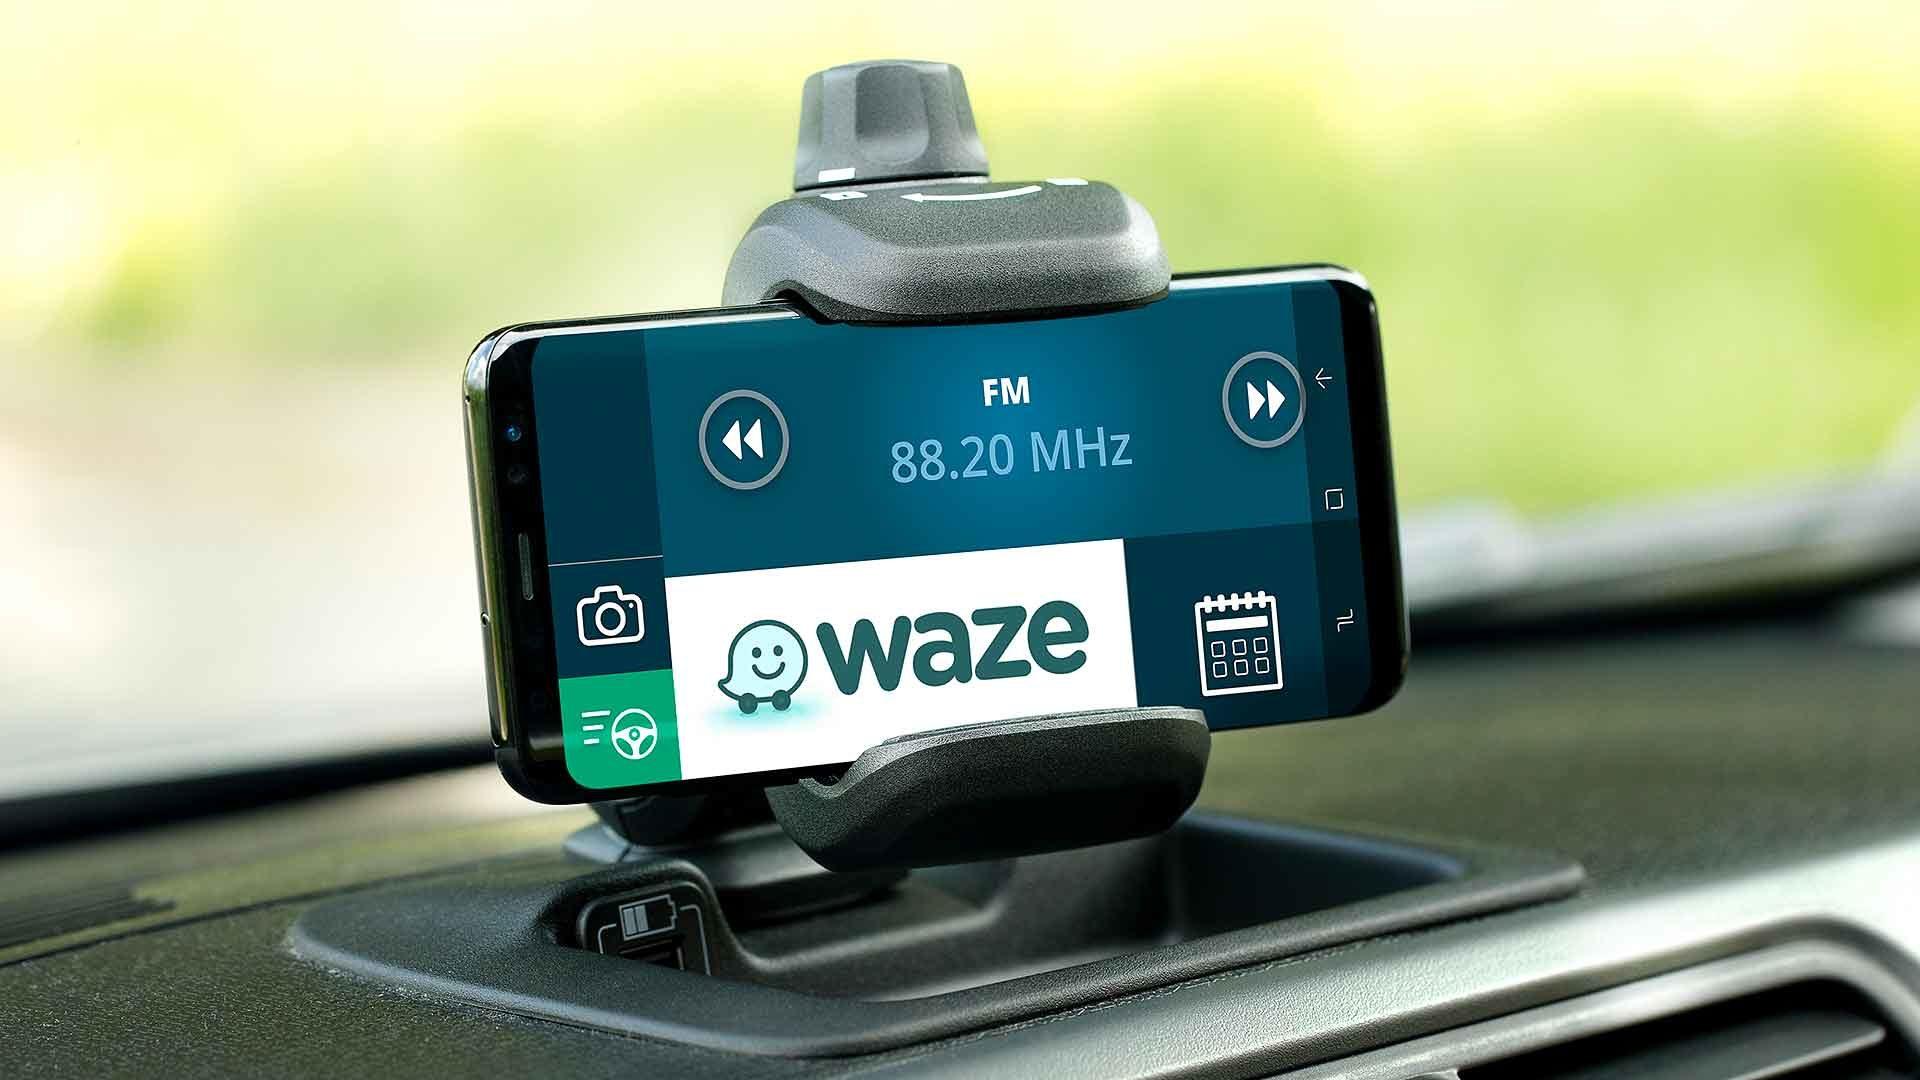 Waze app on a smartphone